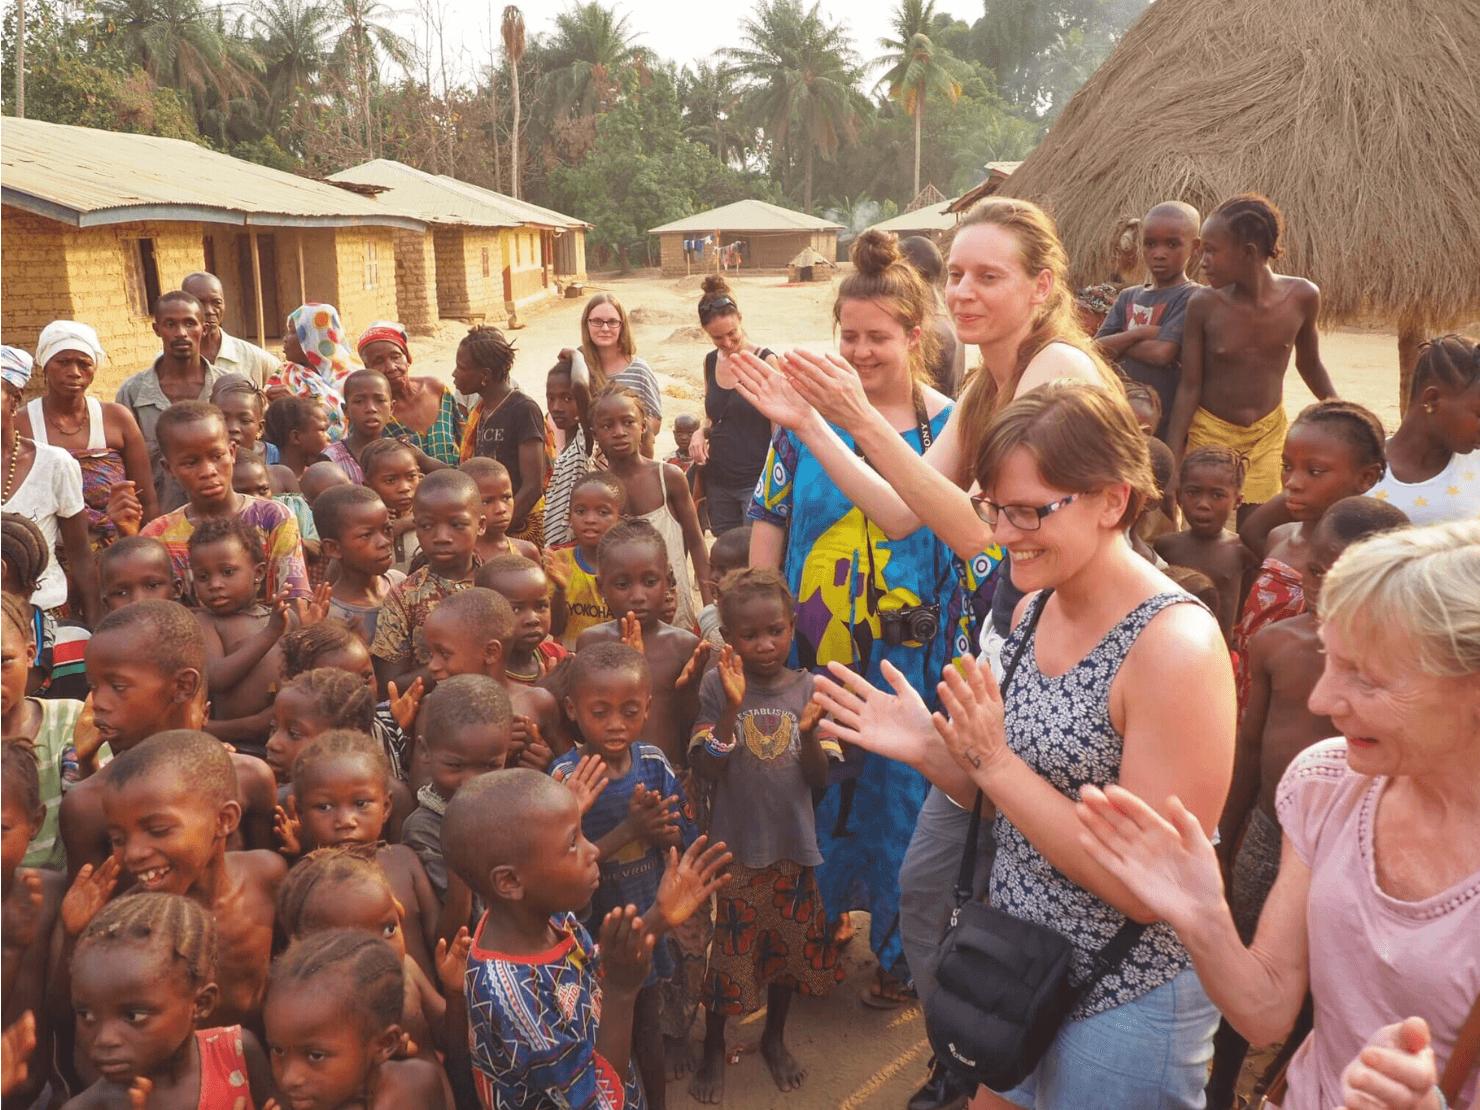 A Sierra Leone welcome.